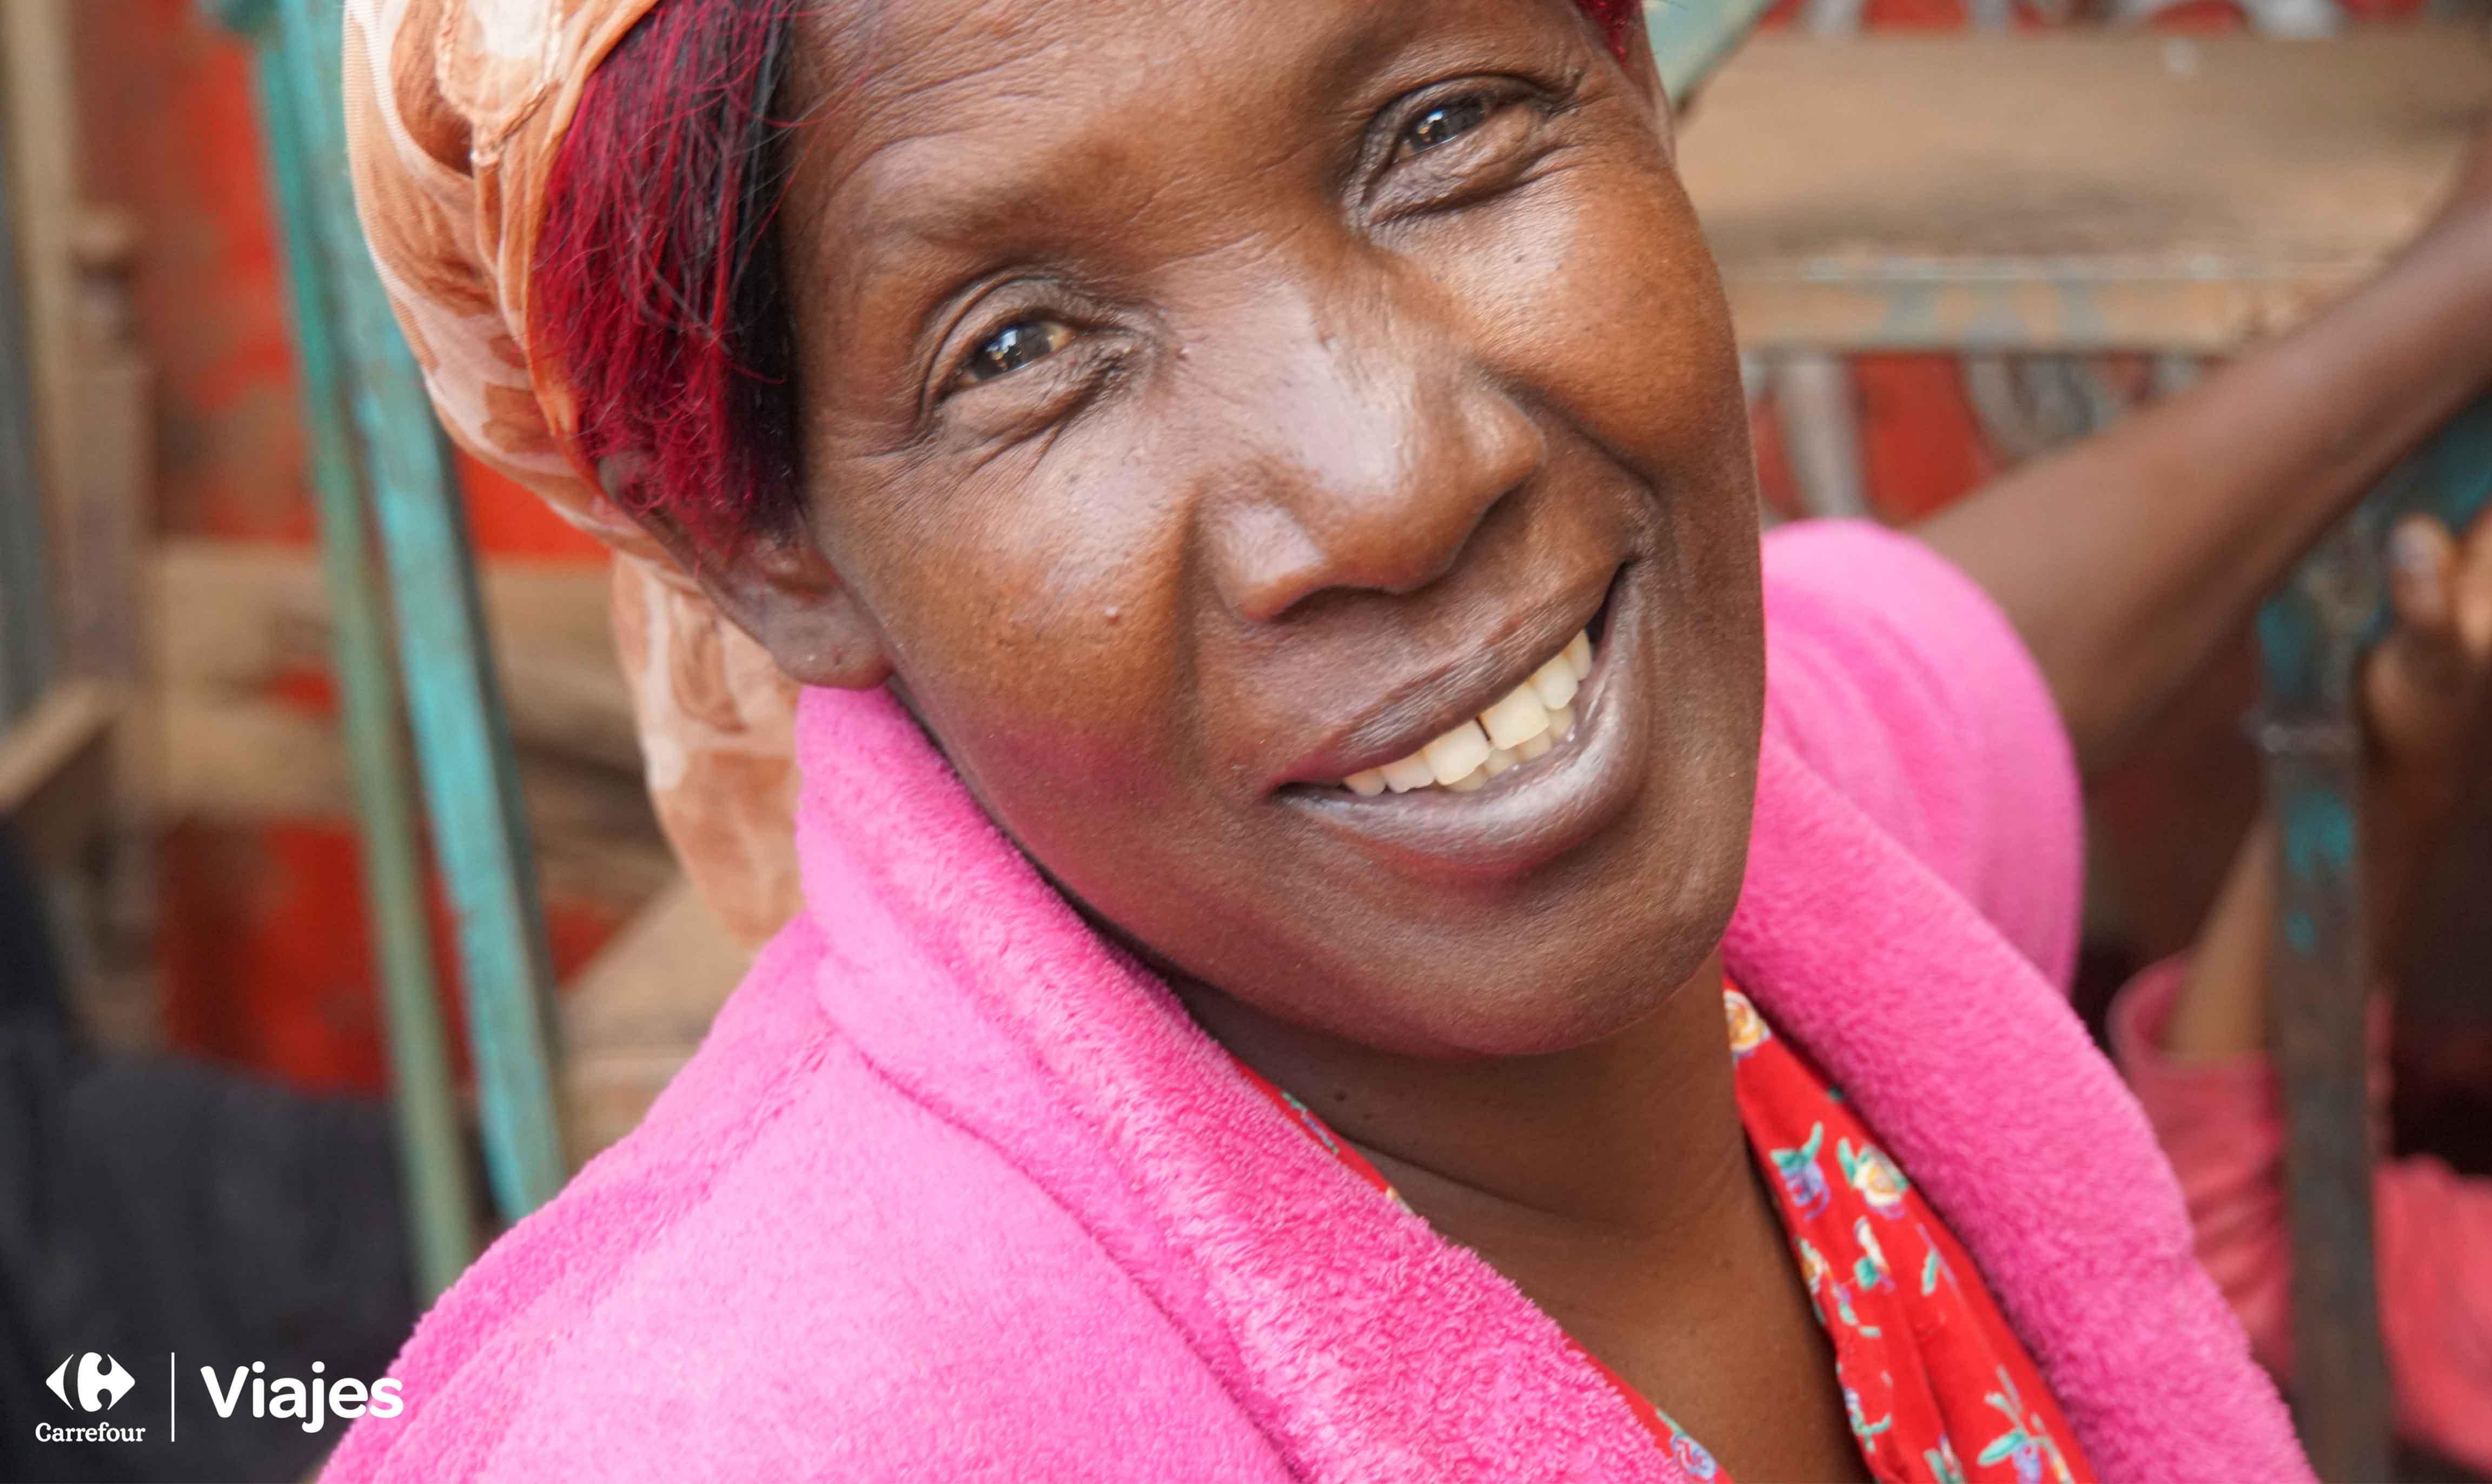 mujer africana mirando sonriente